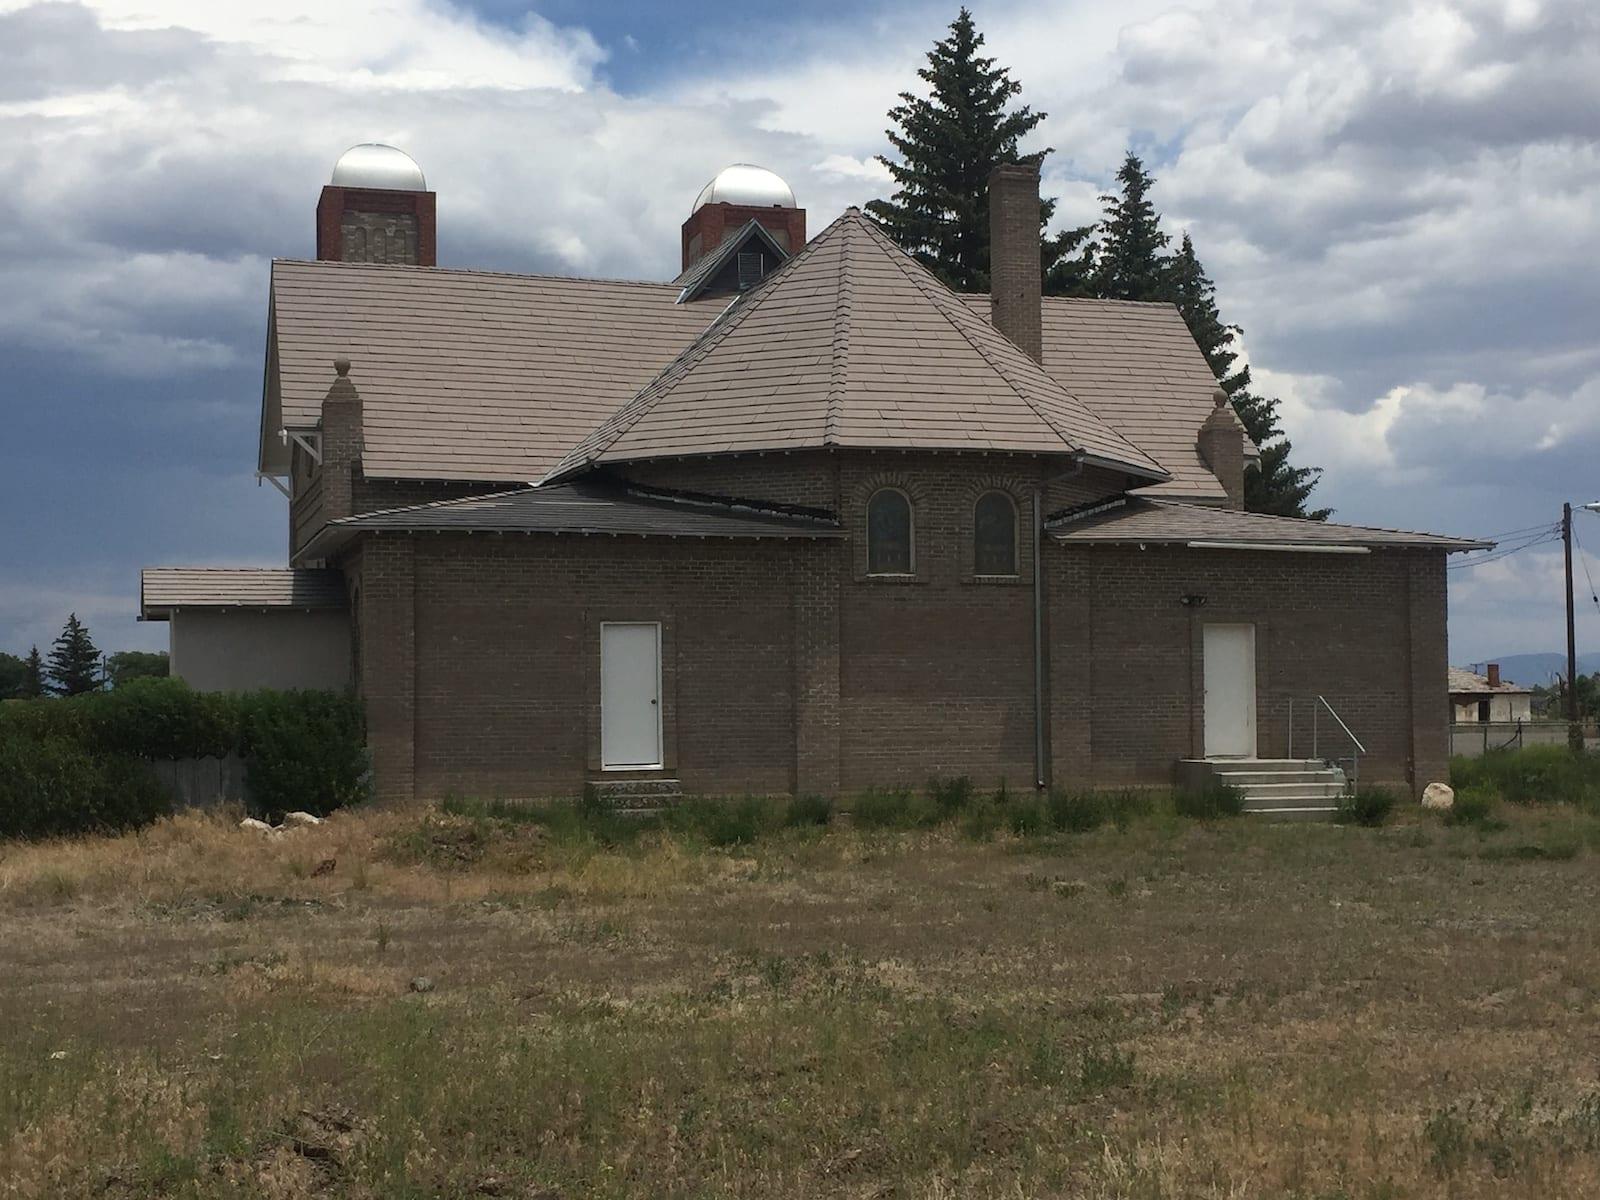 Conejos Colorado House